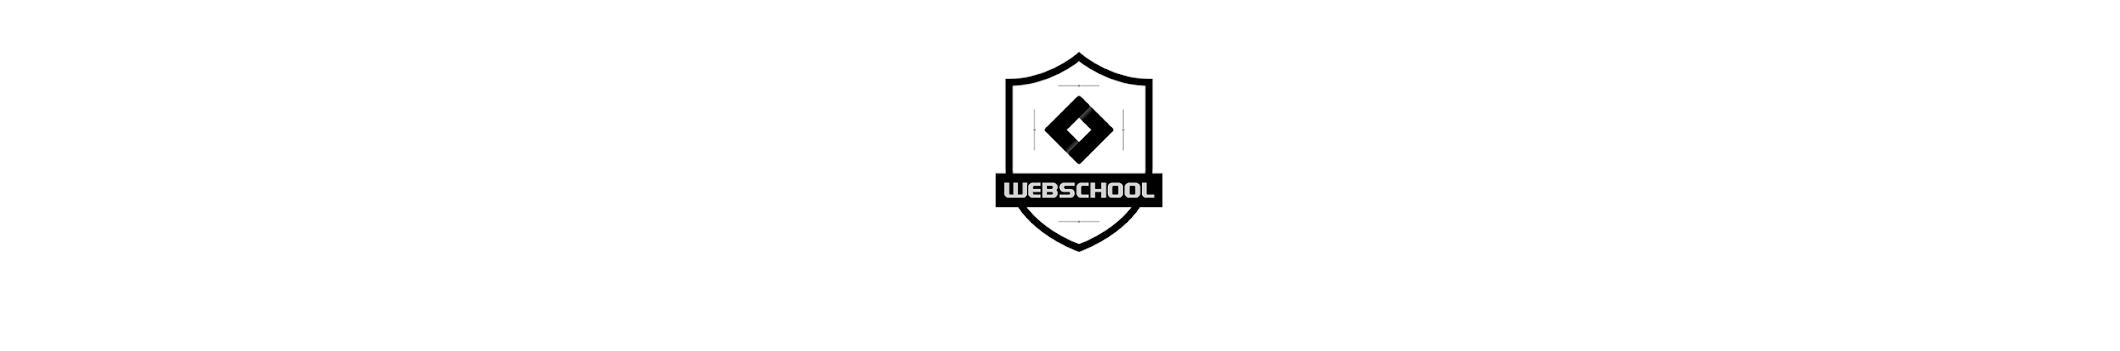 Webschool - JavaScript